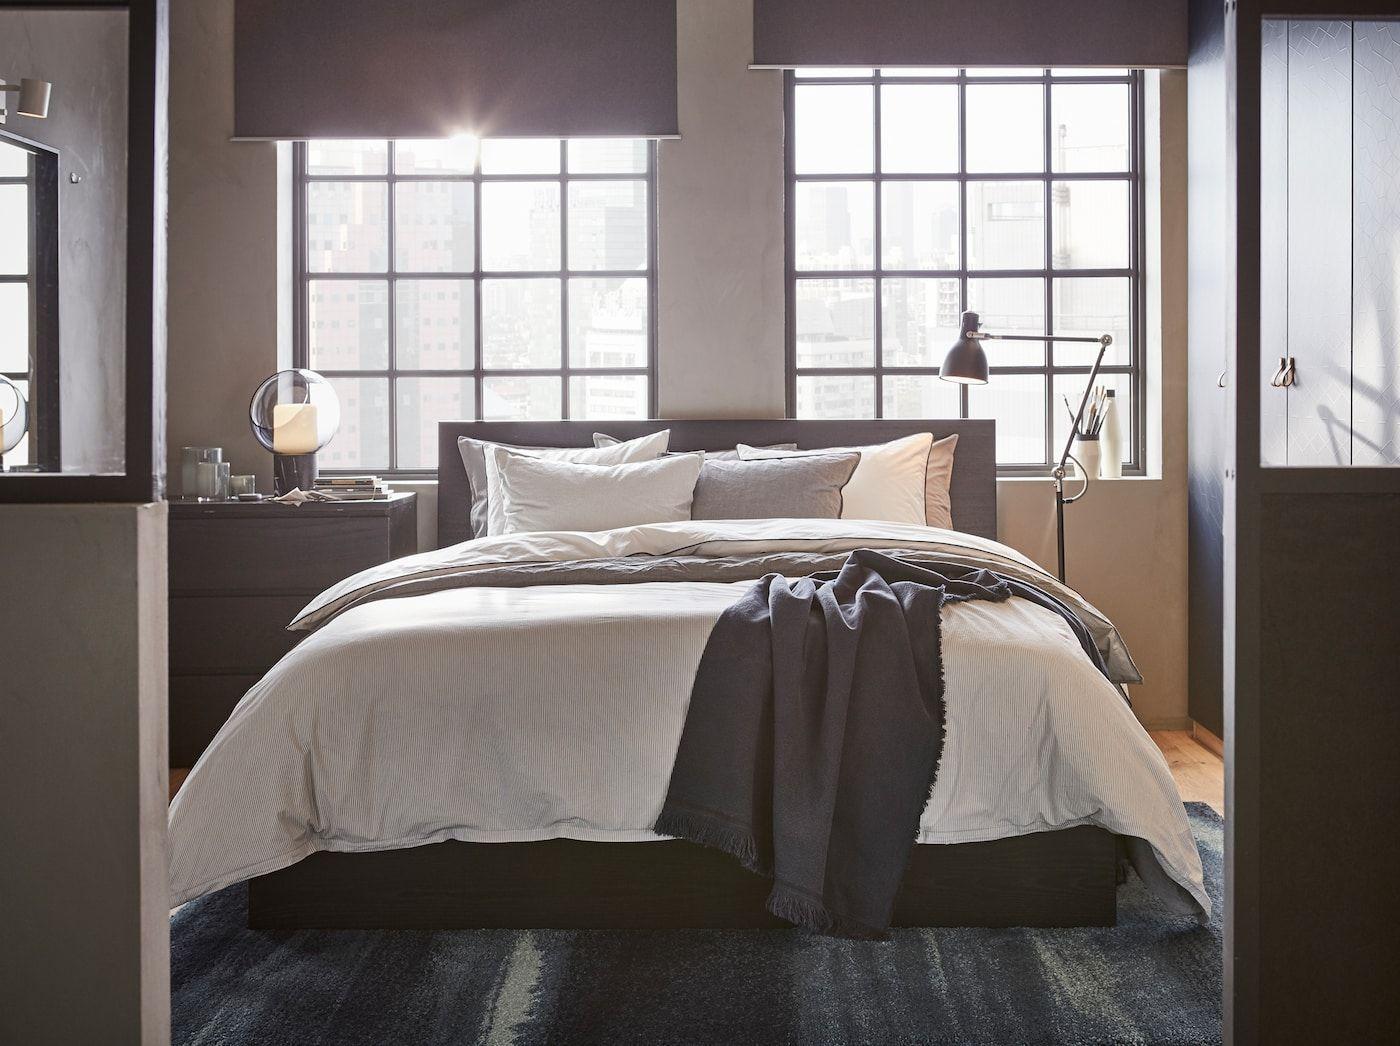 Bedbank Hemnes Te Koop.Geniet Van Zelfzorg Ikea Bedroom Ikea Bed Bed Furniture